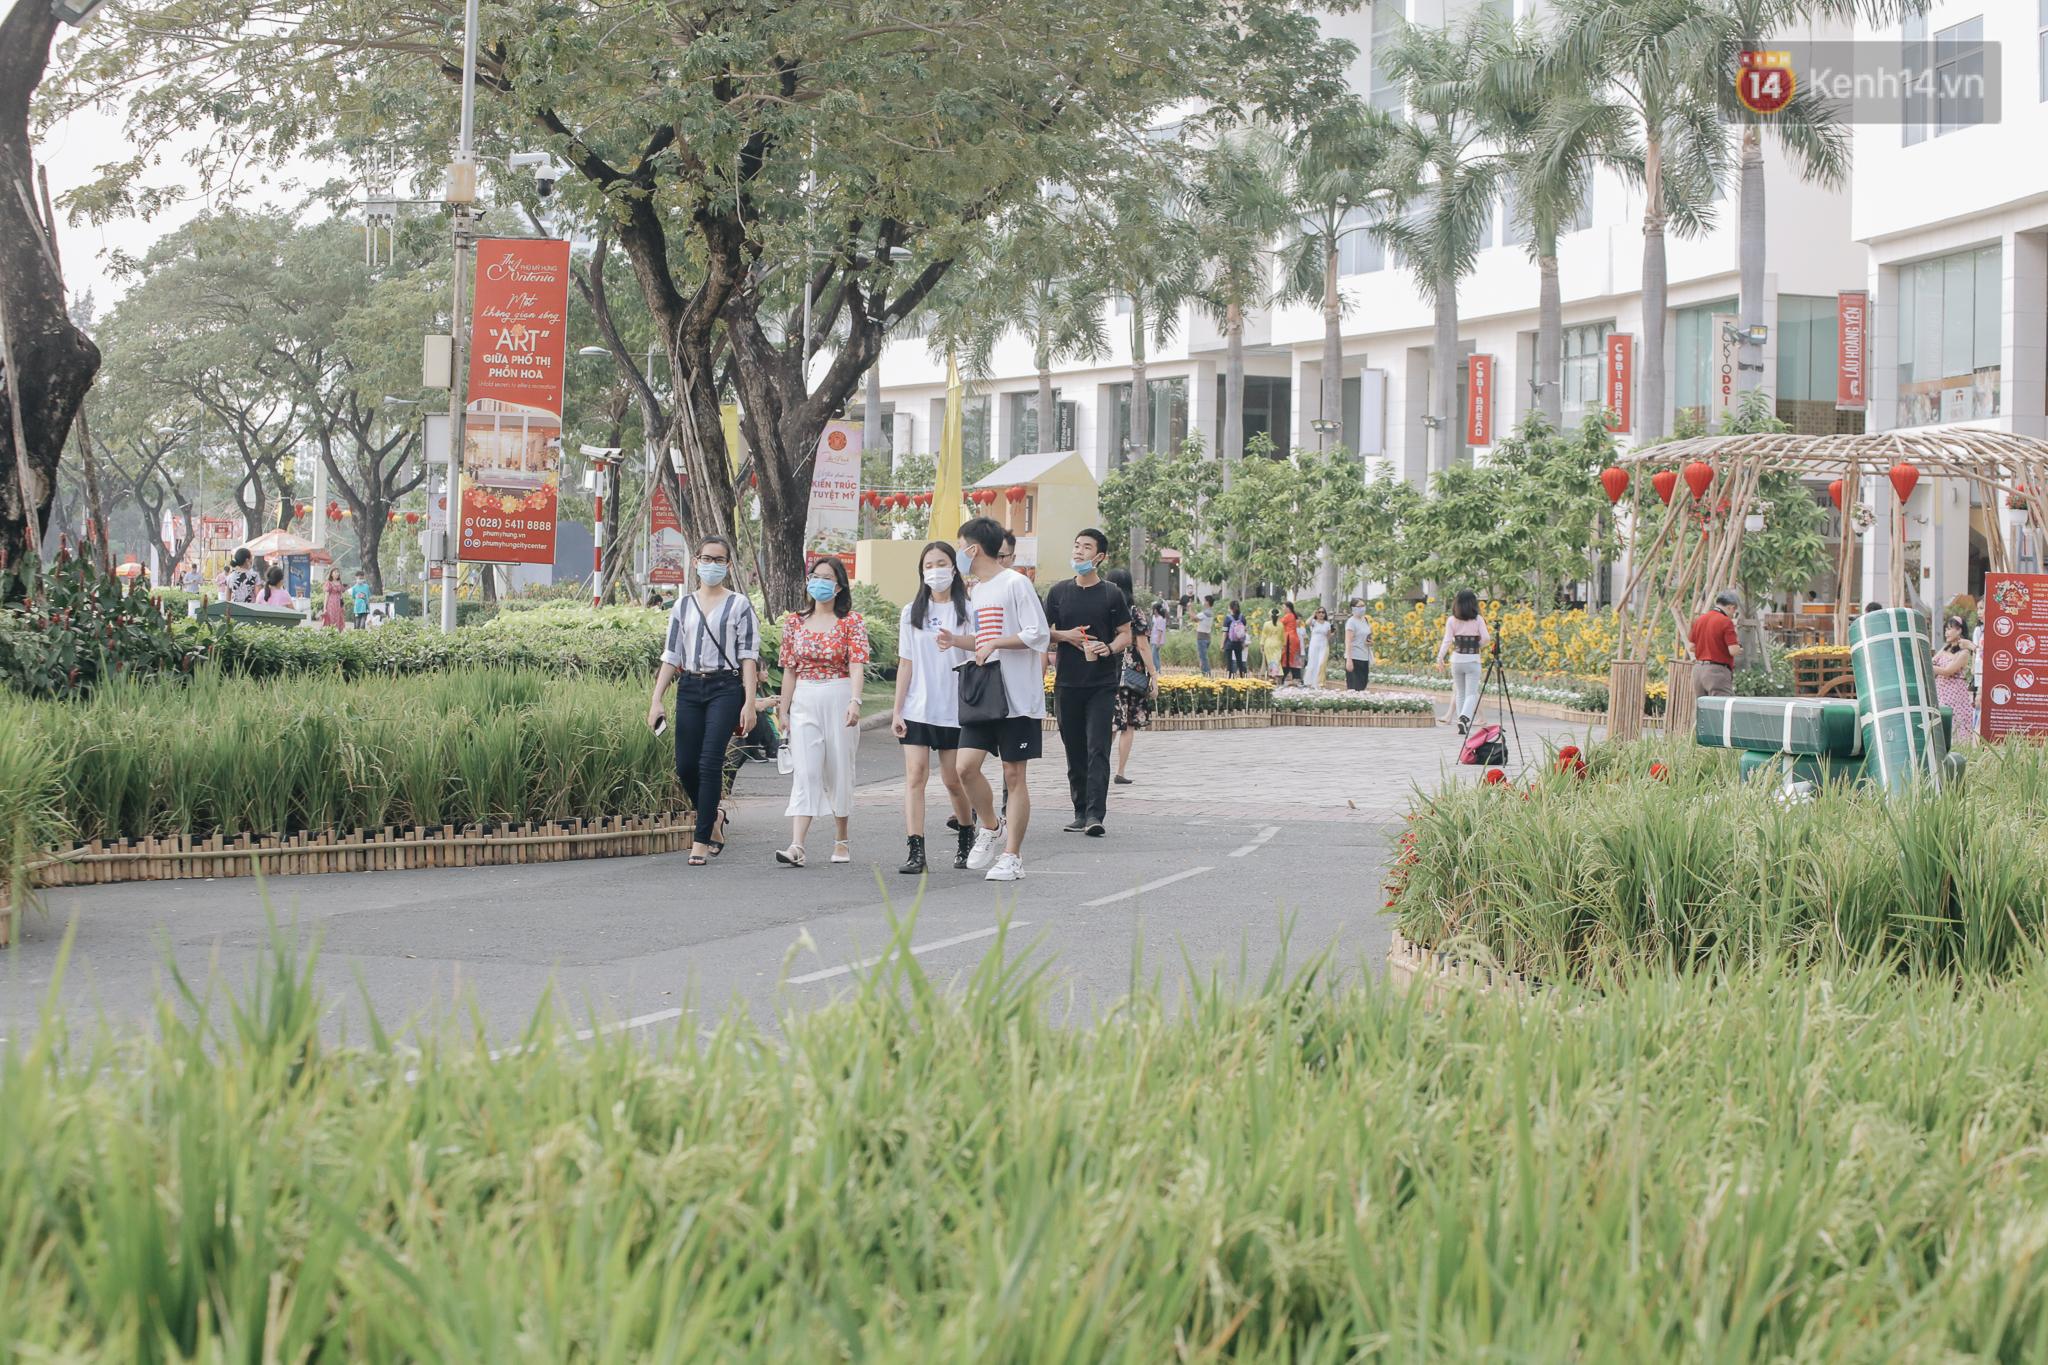 Cận cảnh đường hoa Tết Tân Sửu 2021 phong cách tối giản tại phố nhà giàu Sài Gòn - Ảnh 15.